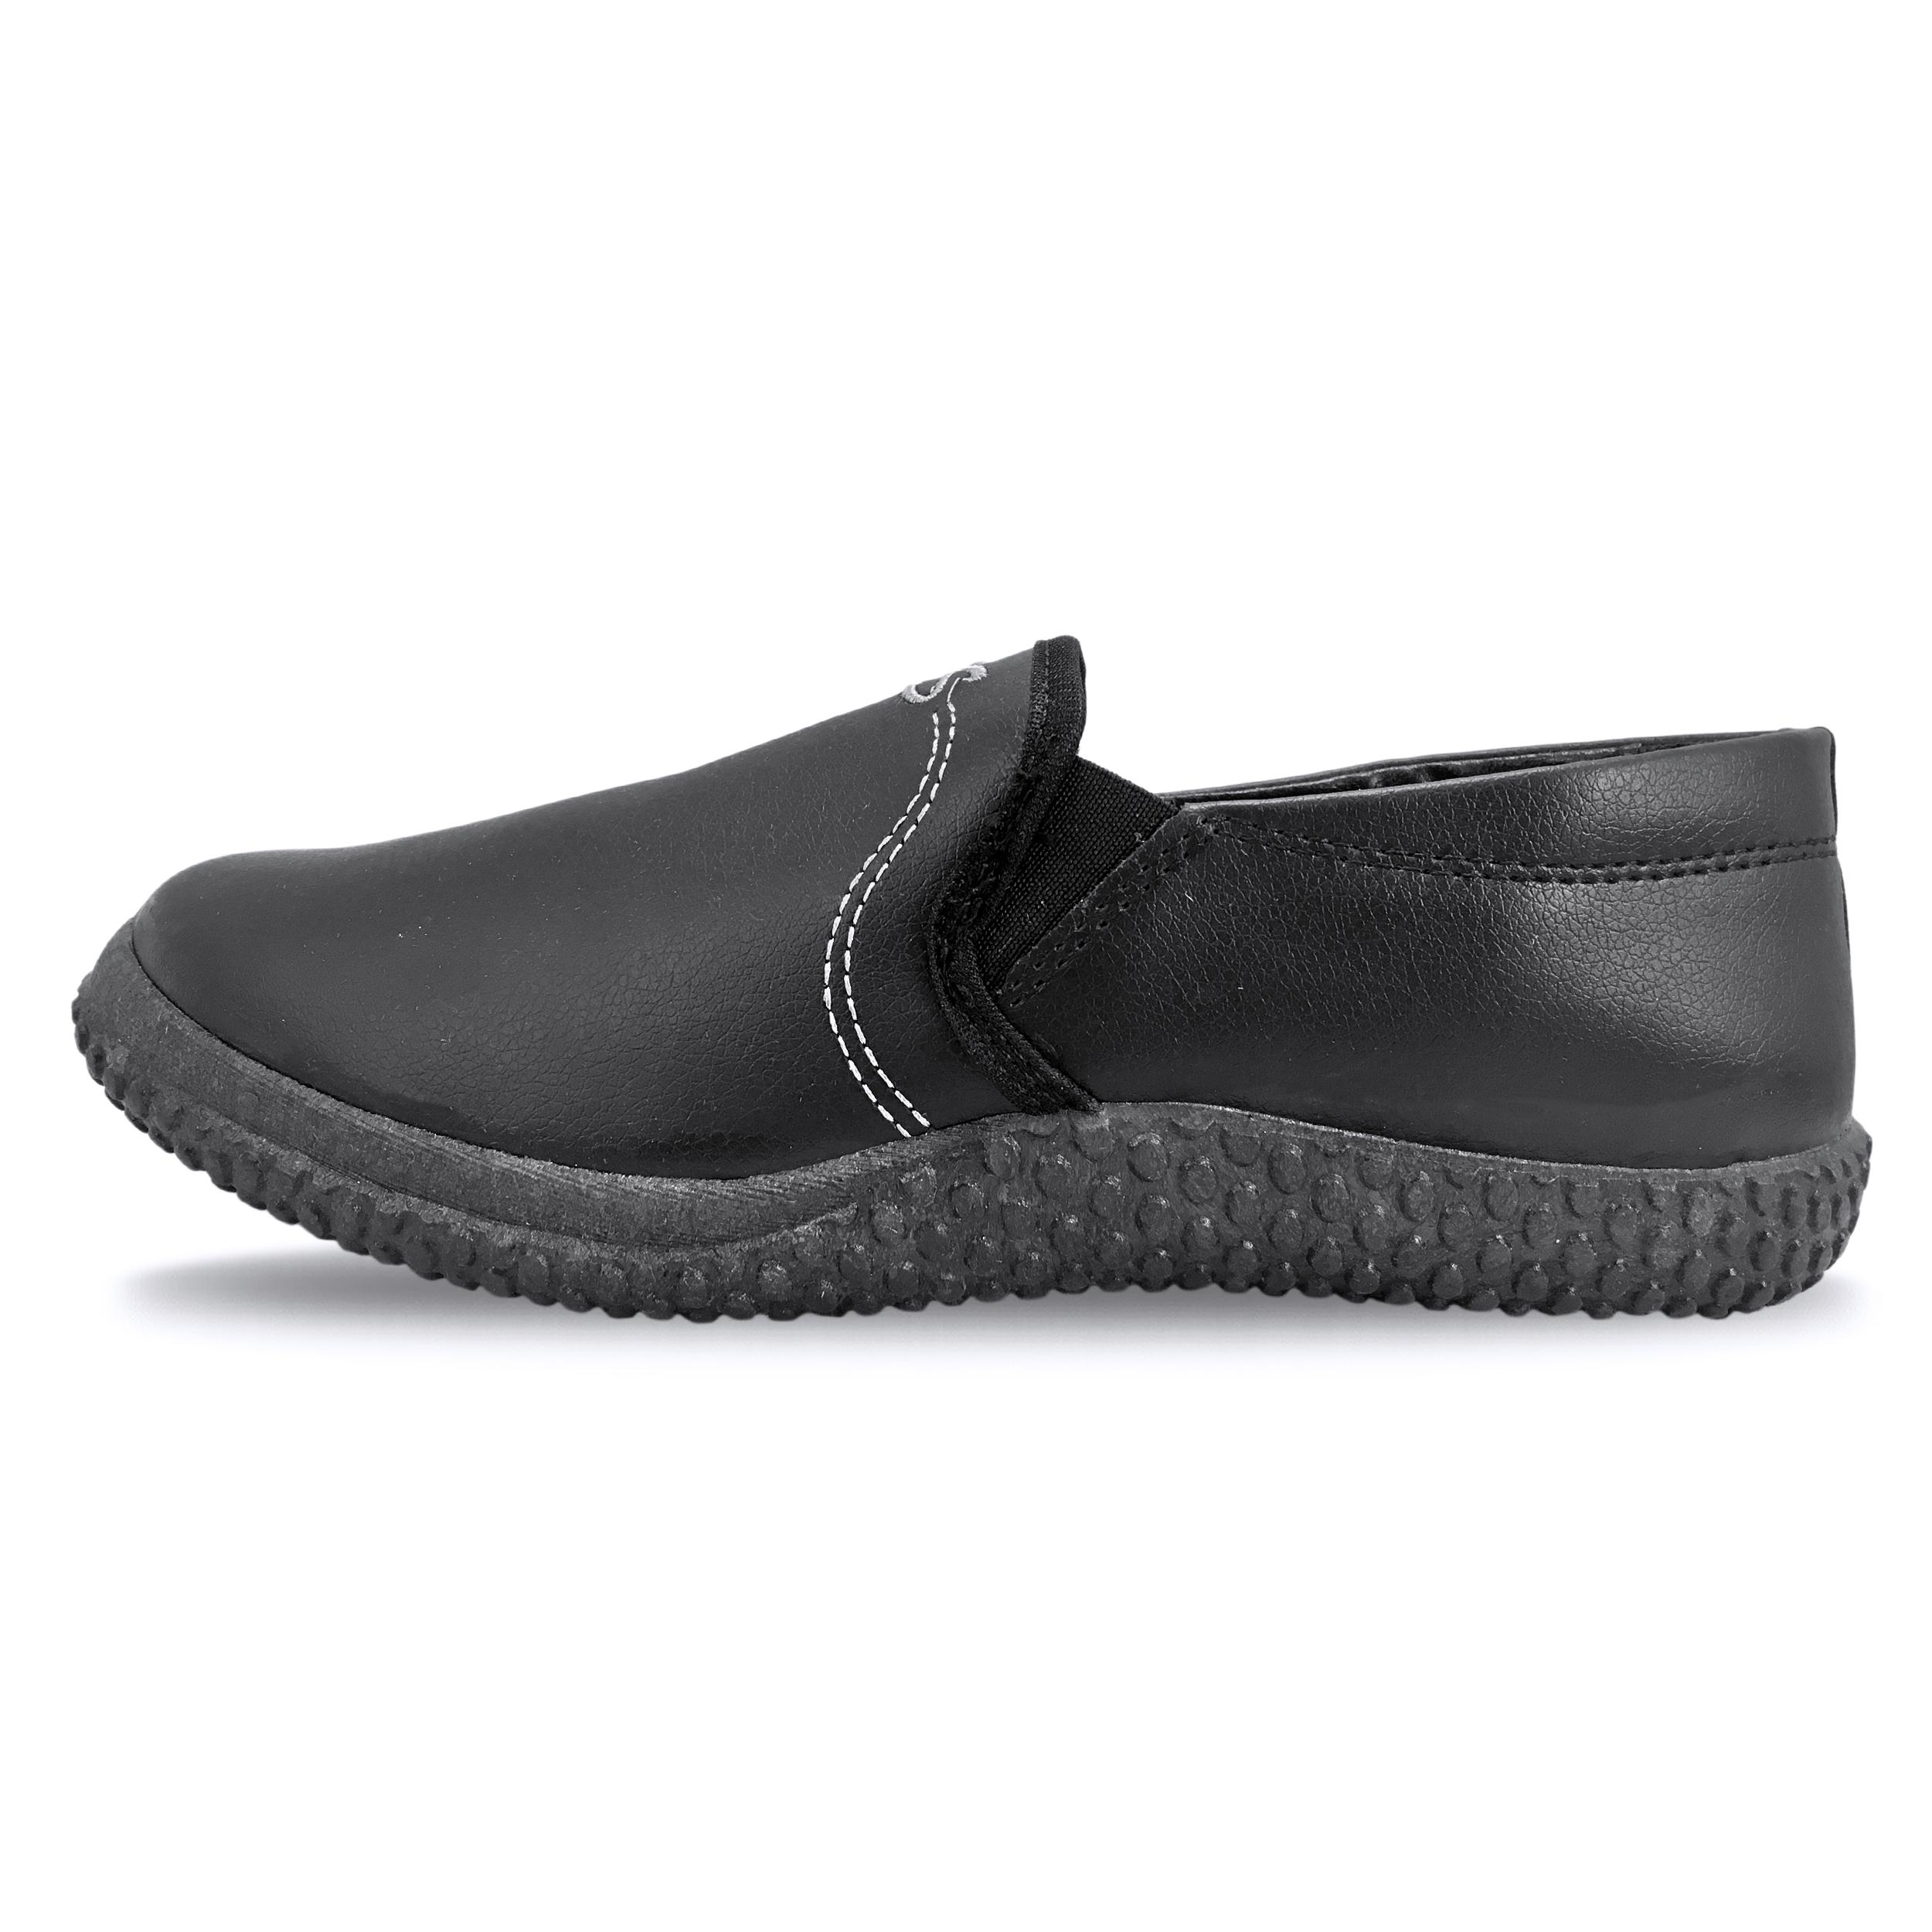 کفش مخصوص پیاده روی مردانه نسیم مدل مهرداد کد 3710